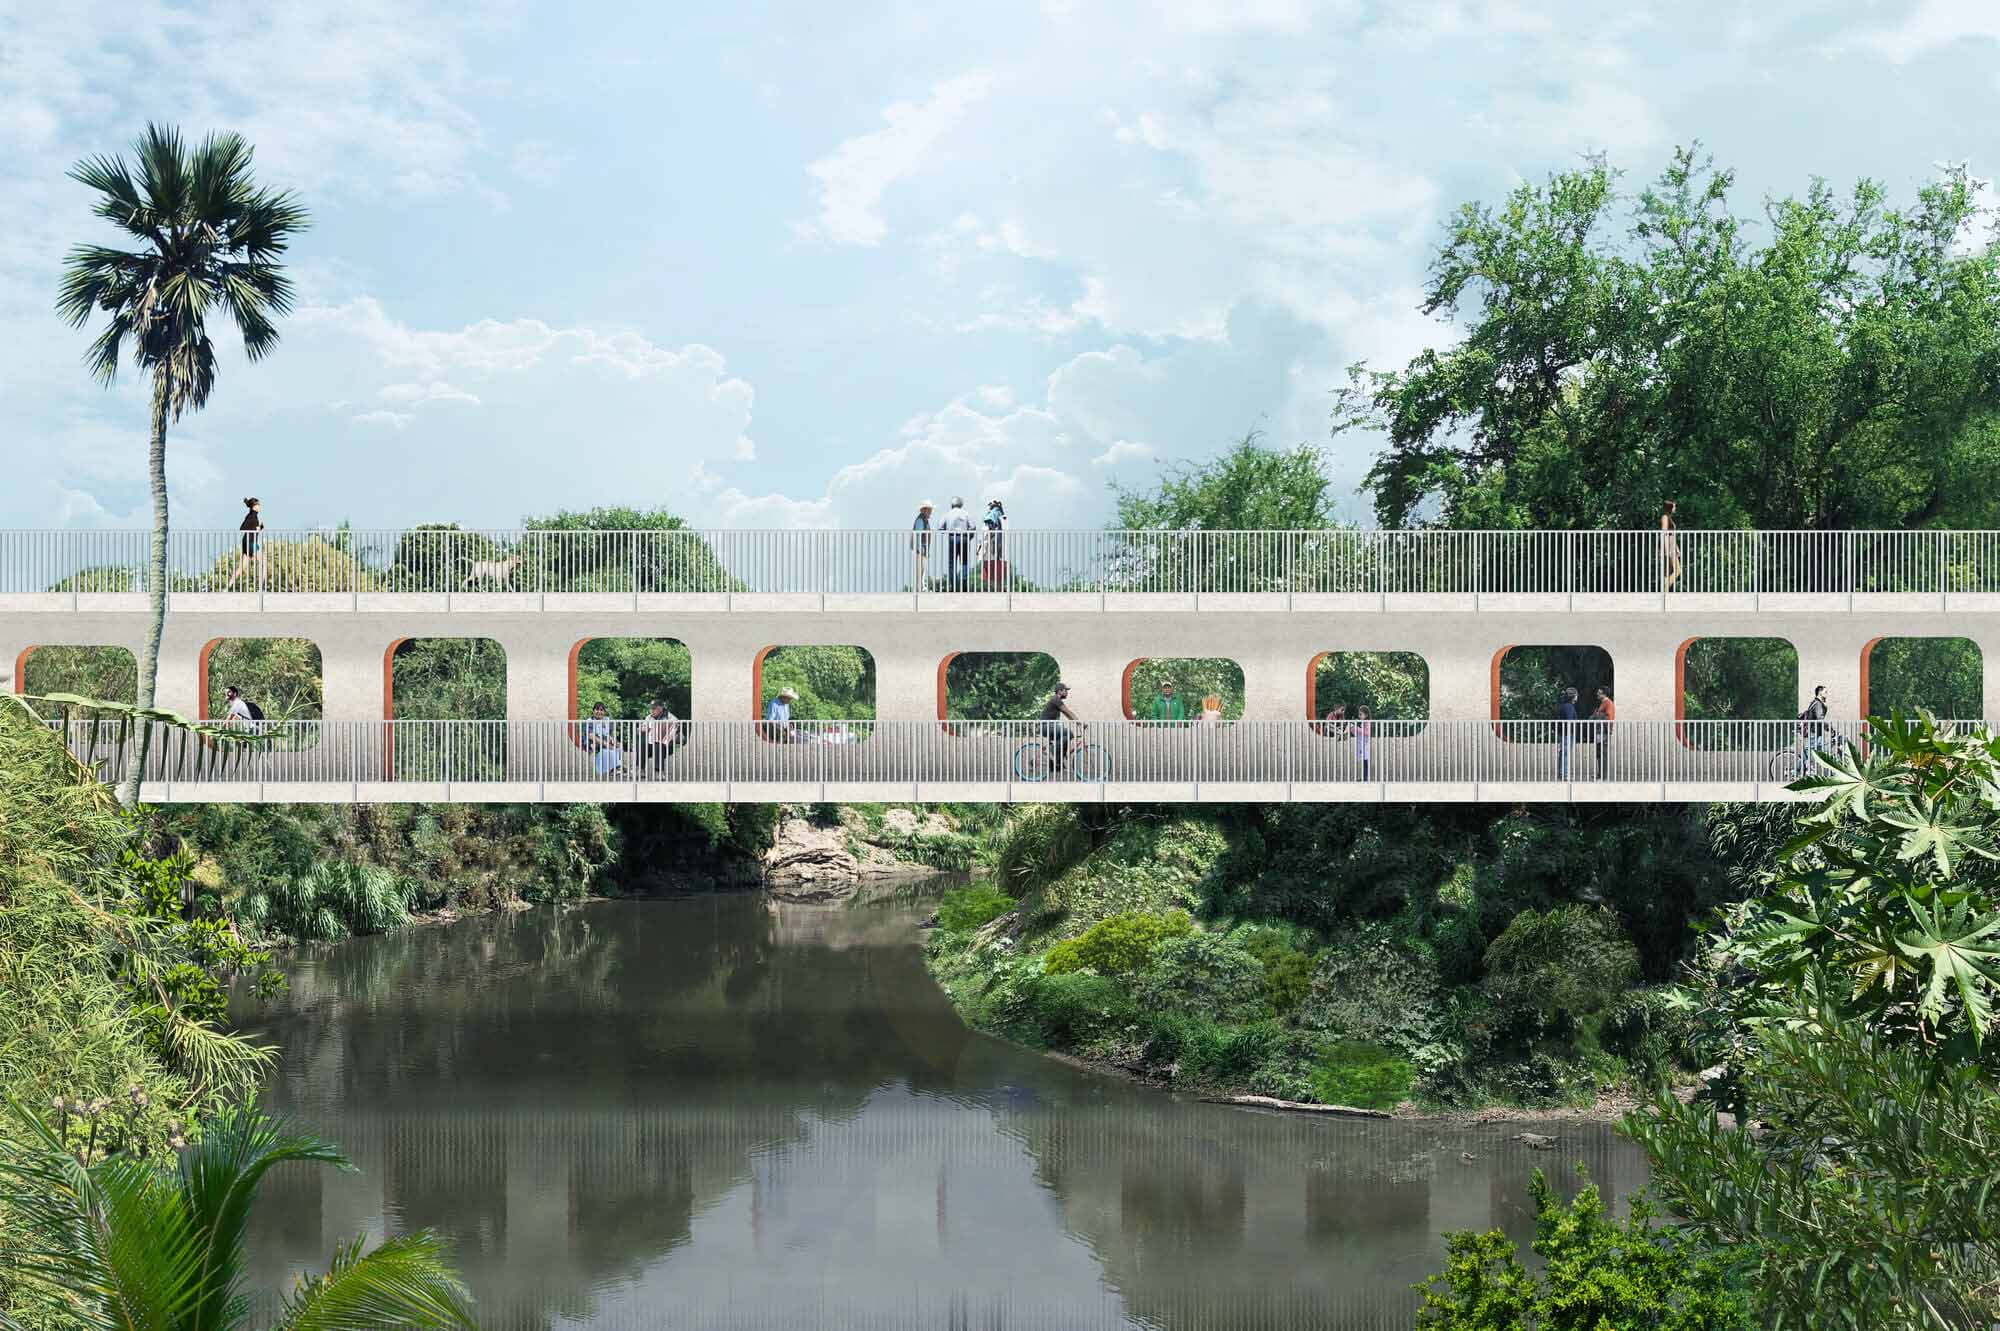 OMA / Shohei Shigematsu раскрывает дизайн пешеходного моста Джоджутла в Мексике